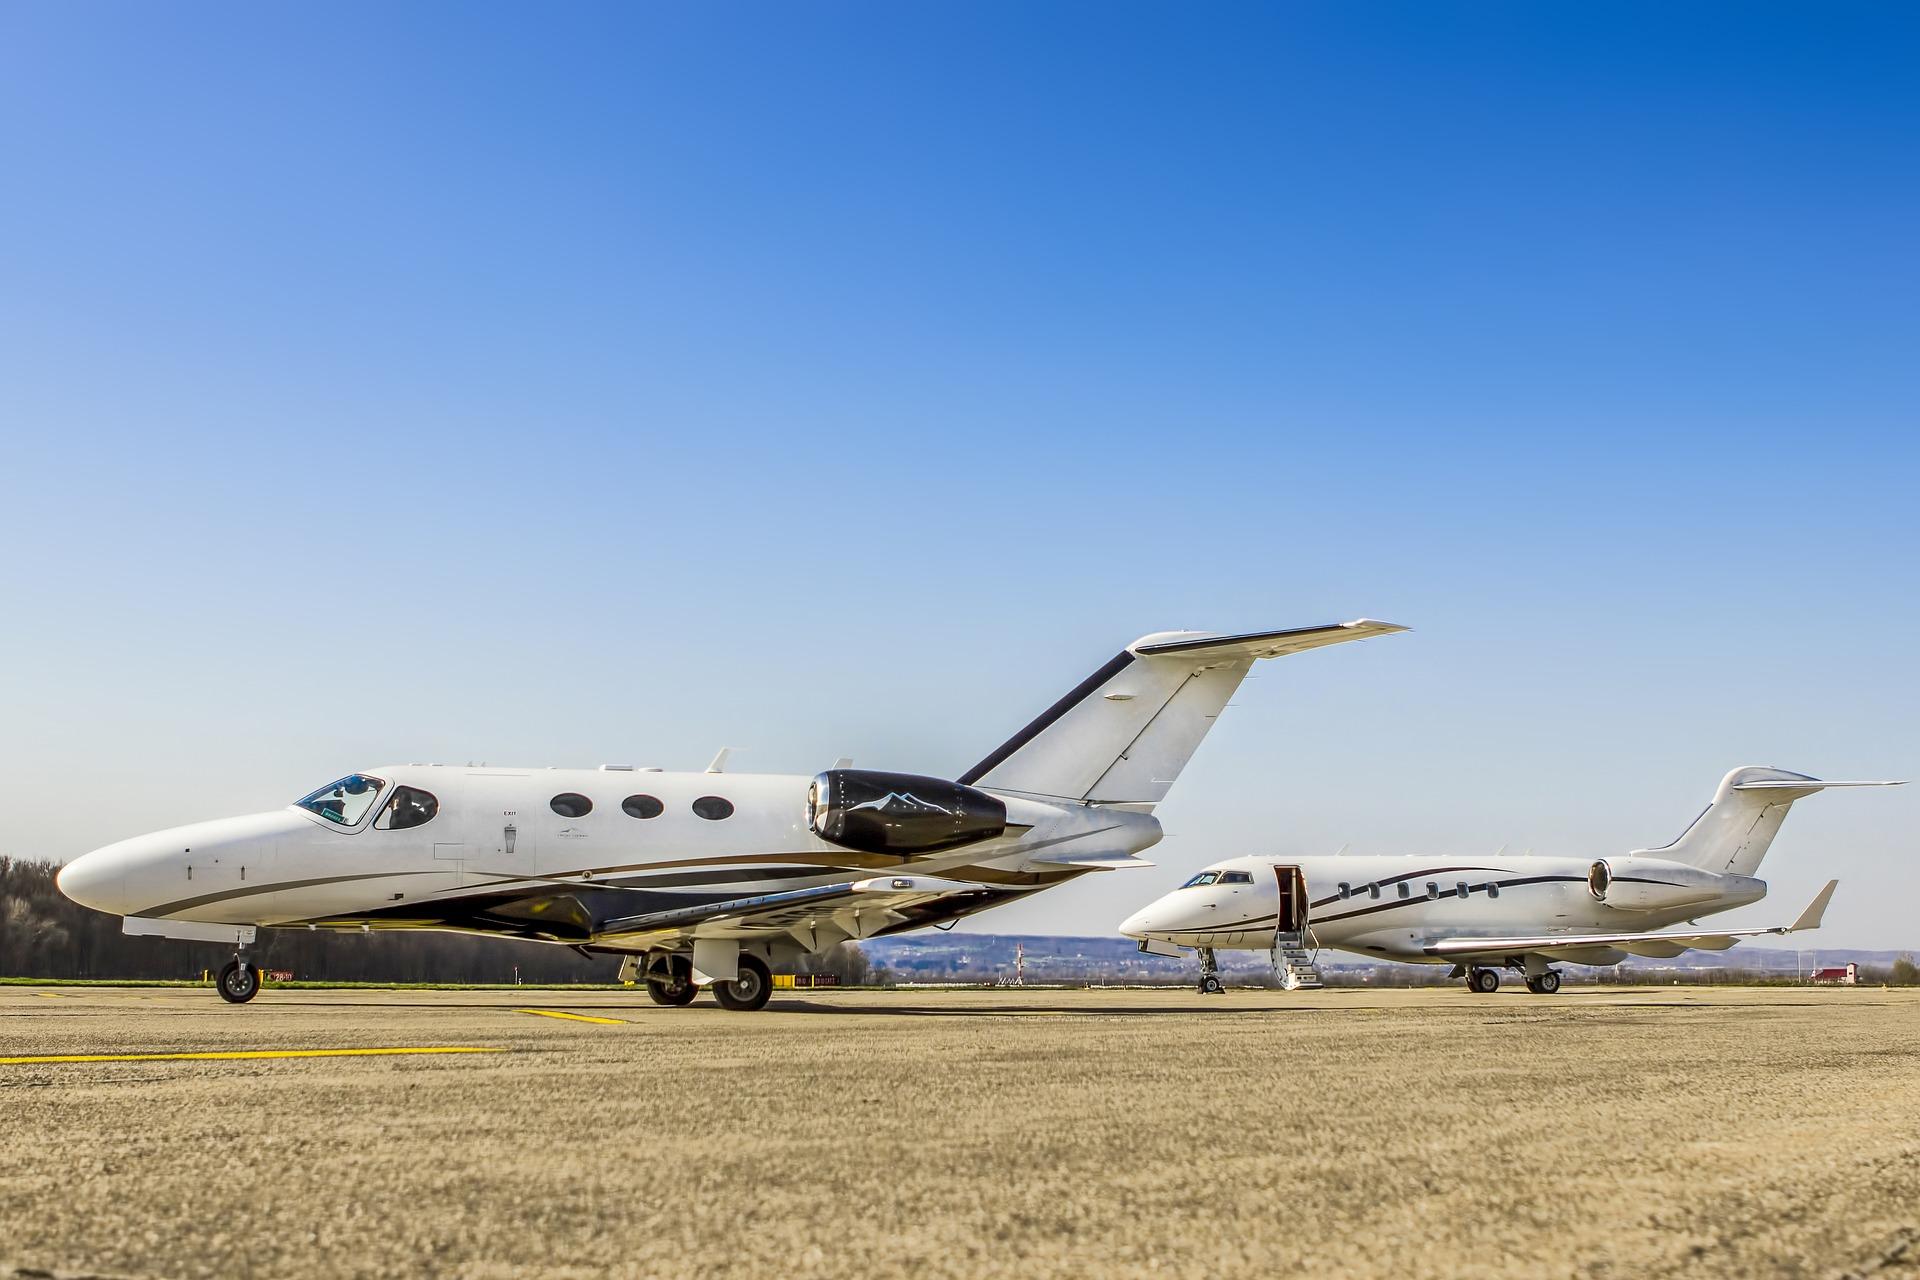 Viaggiare su jet privati: quanto costa noleggiarlo